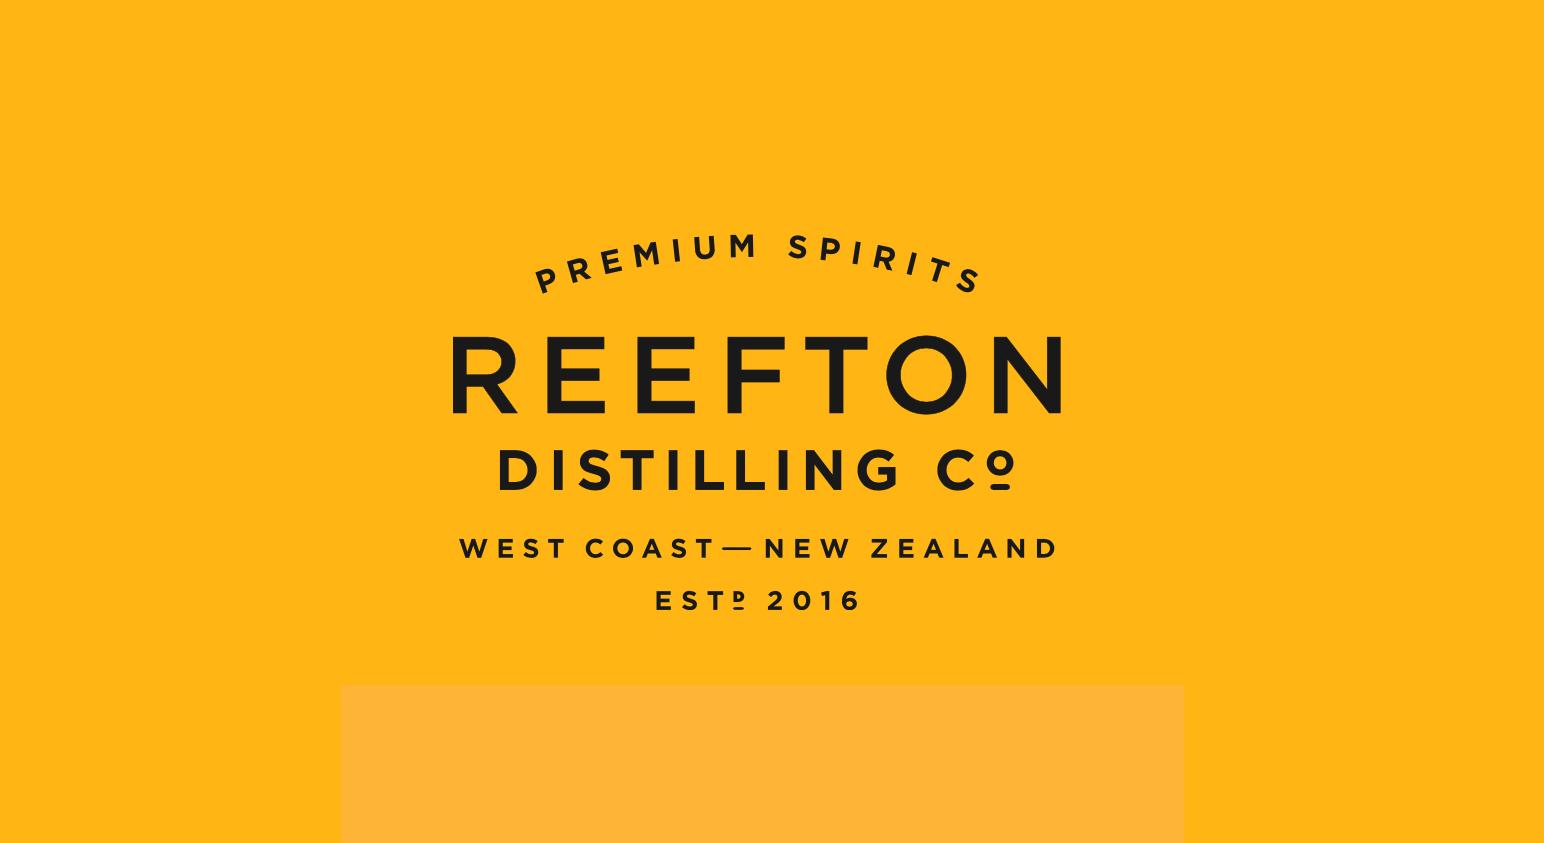 Reefton Distilling Co. hero image